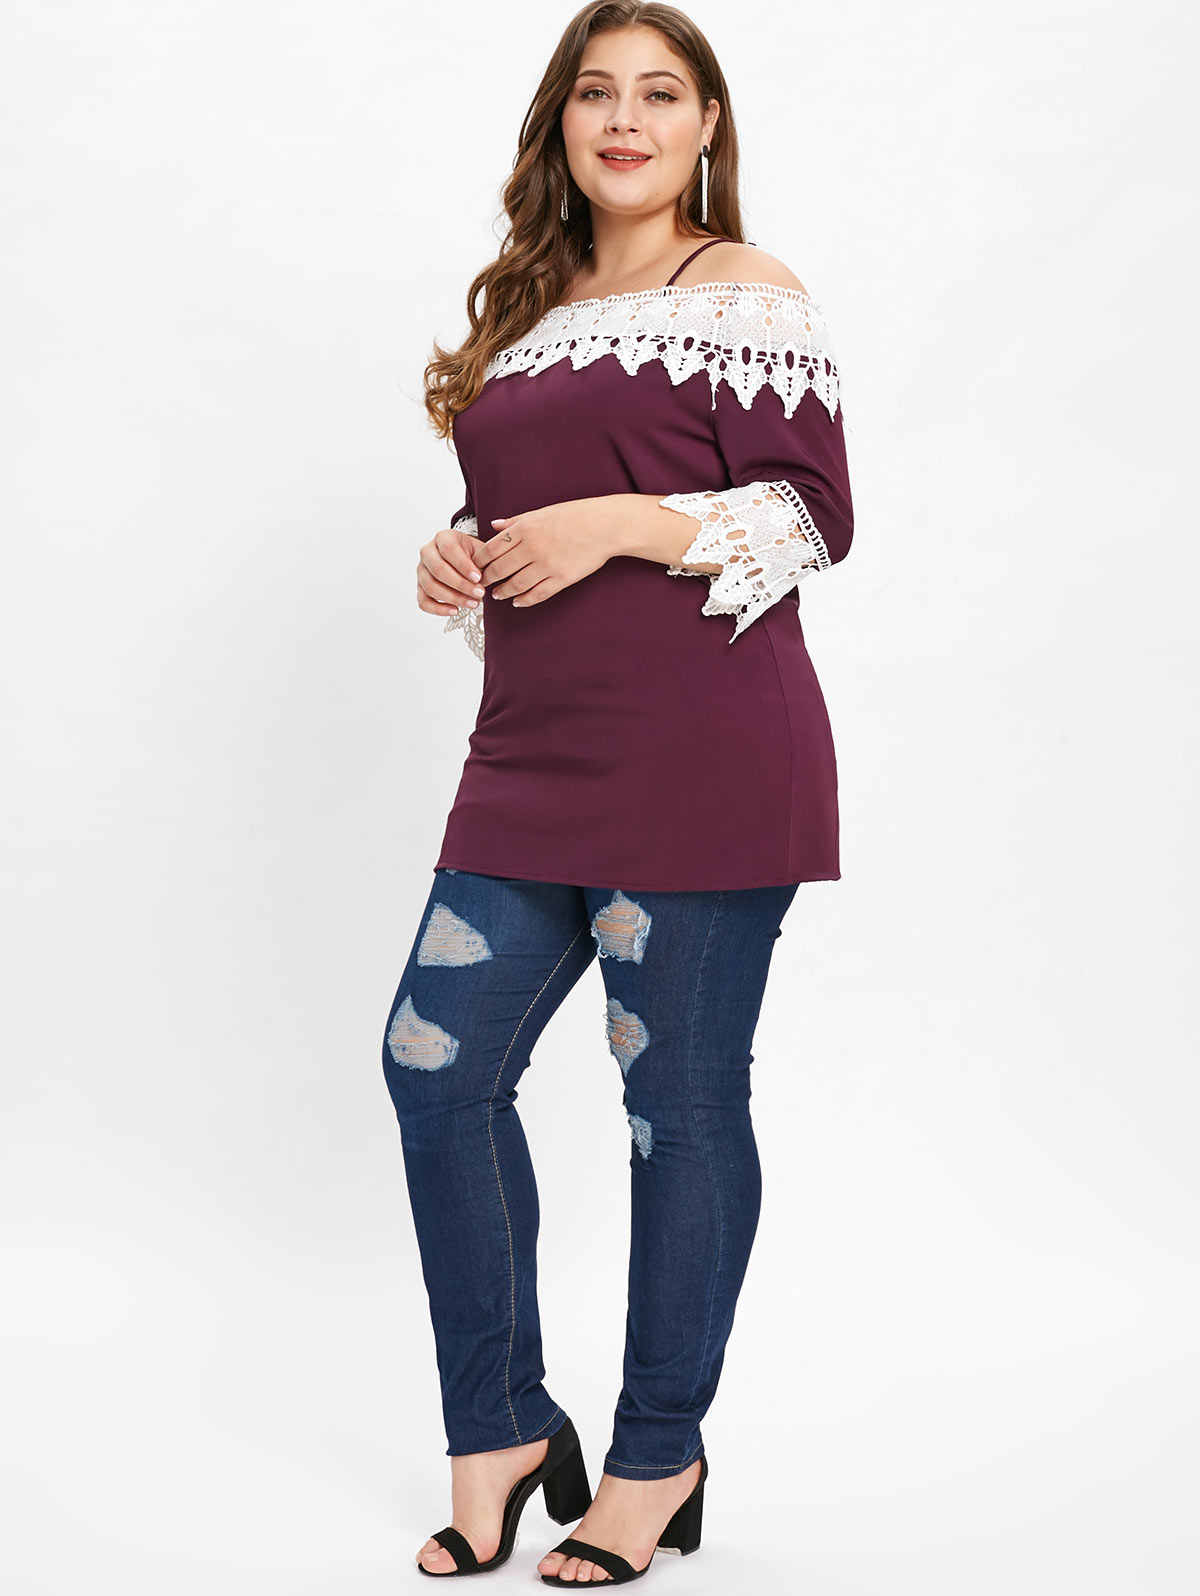 Wisalo плюс размер кружевная панель Спагетти ремень холодное плечо футболка три четверти рукав Лоскутная Повседневная футболка Женская Осенняя футболка 4XL